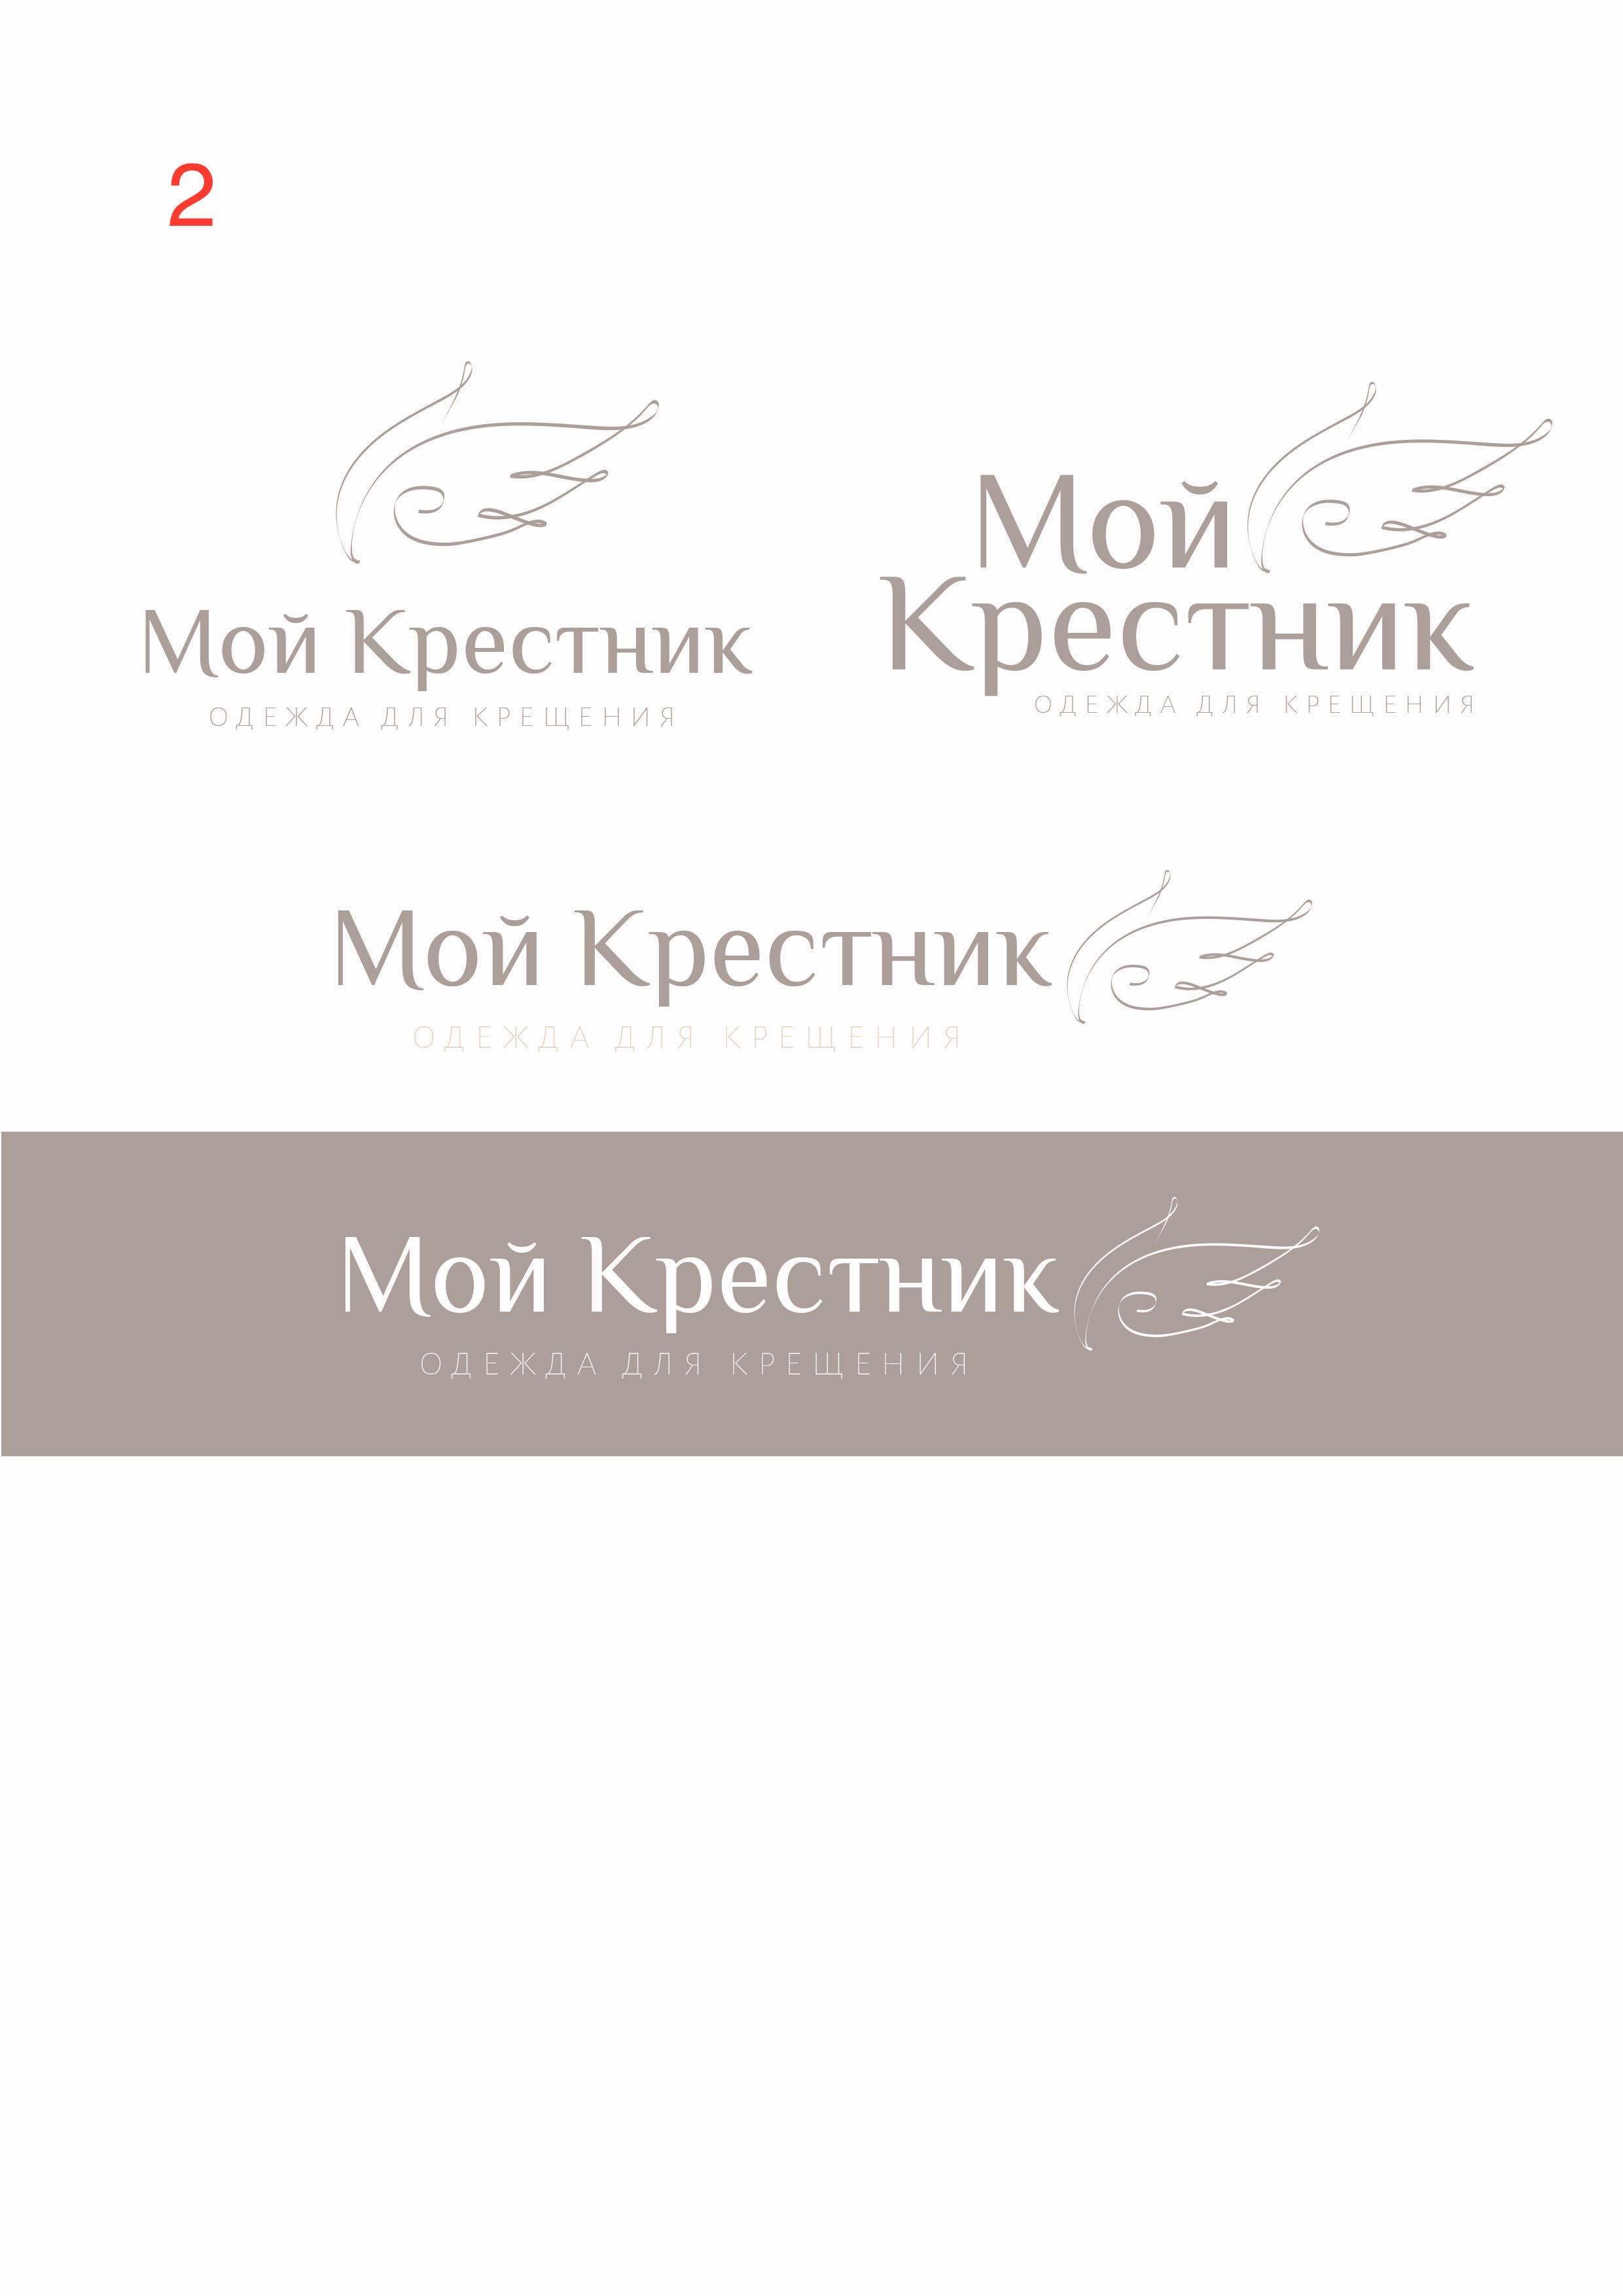 Логотип для крестильной одежды(детской). фото f_1215d57bd3d80d8c.jpg